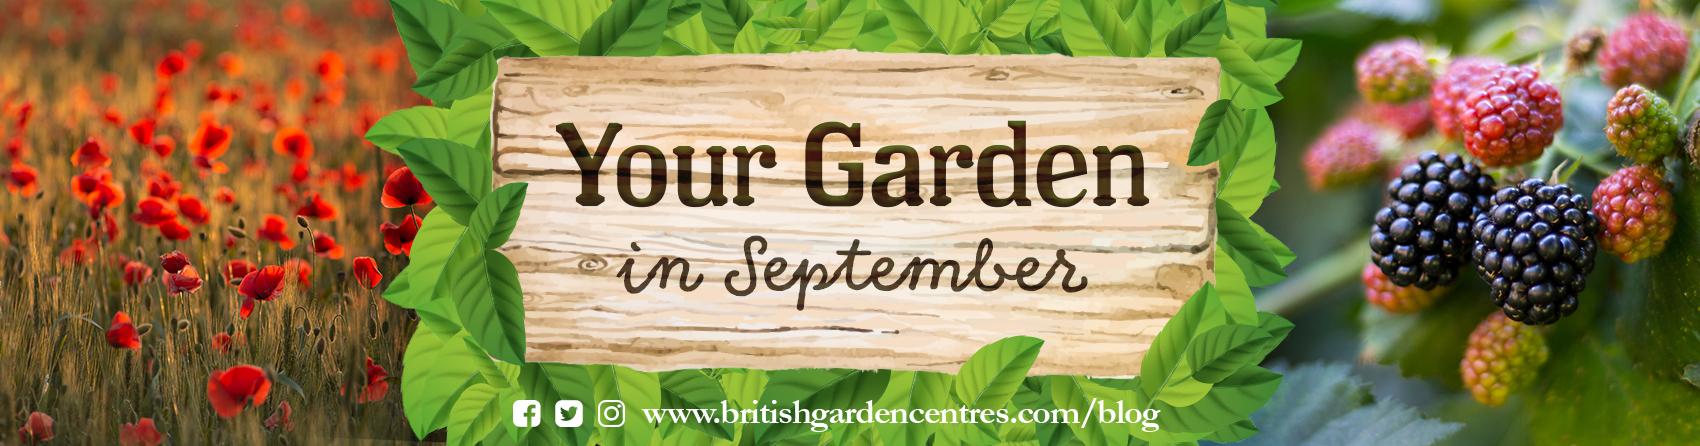 gardening products, british garden centres, garden tools